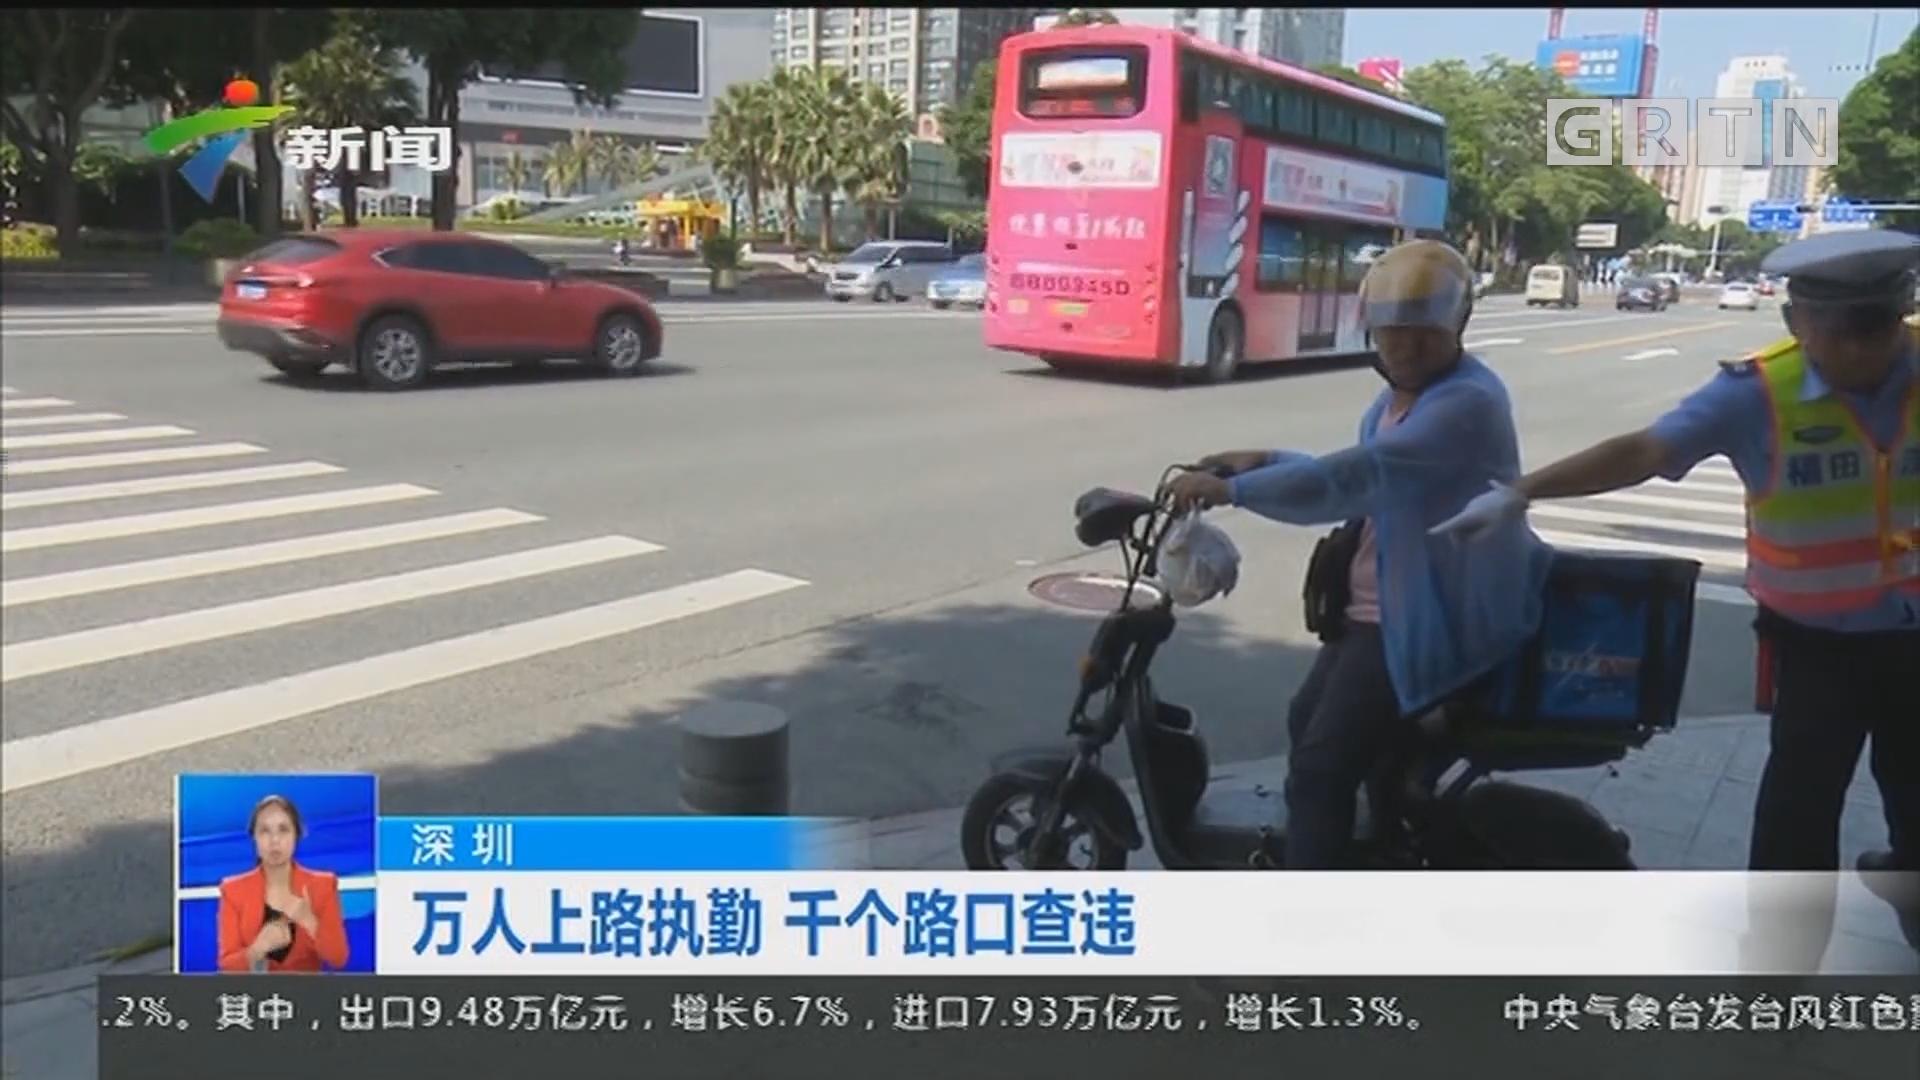 深圳:万人上路执勤 千个路口查违